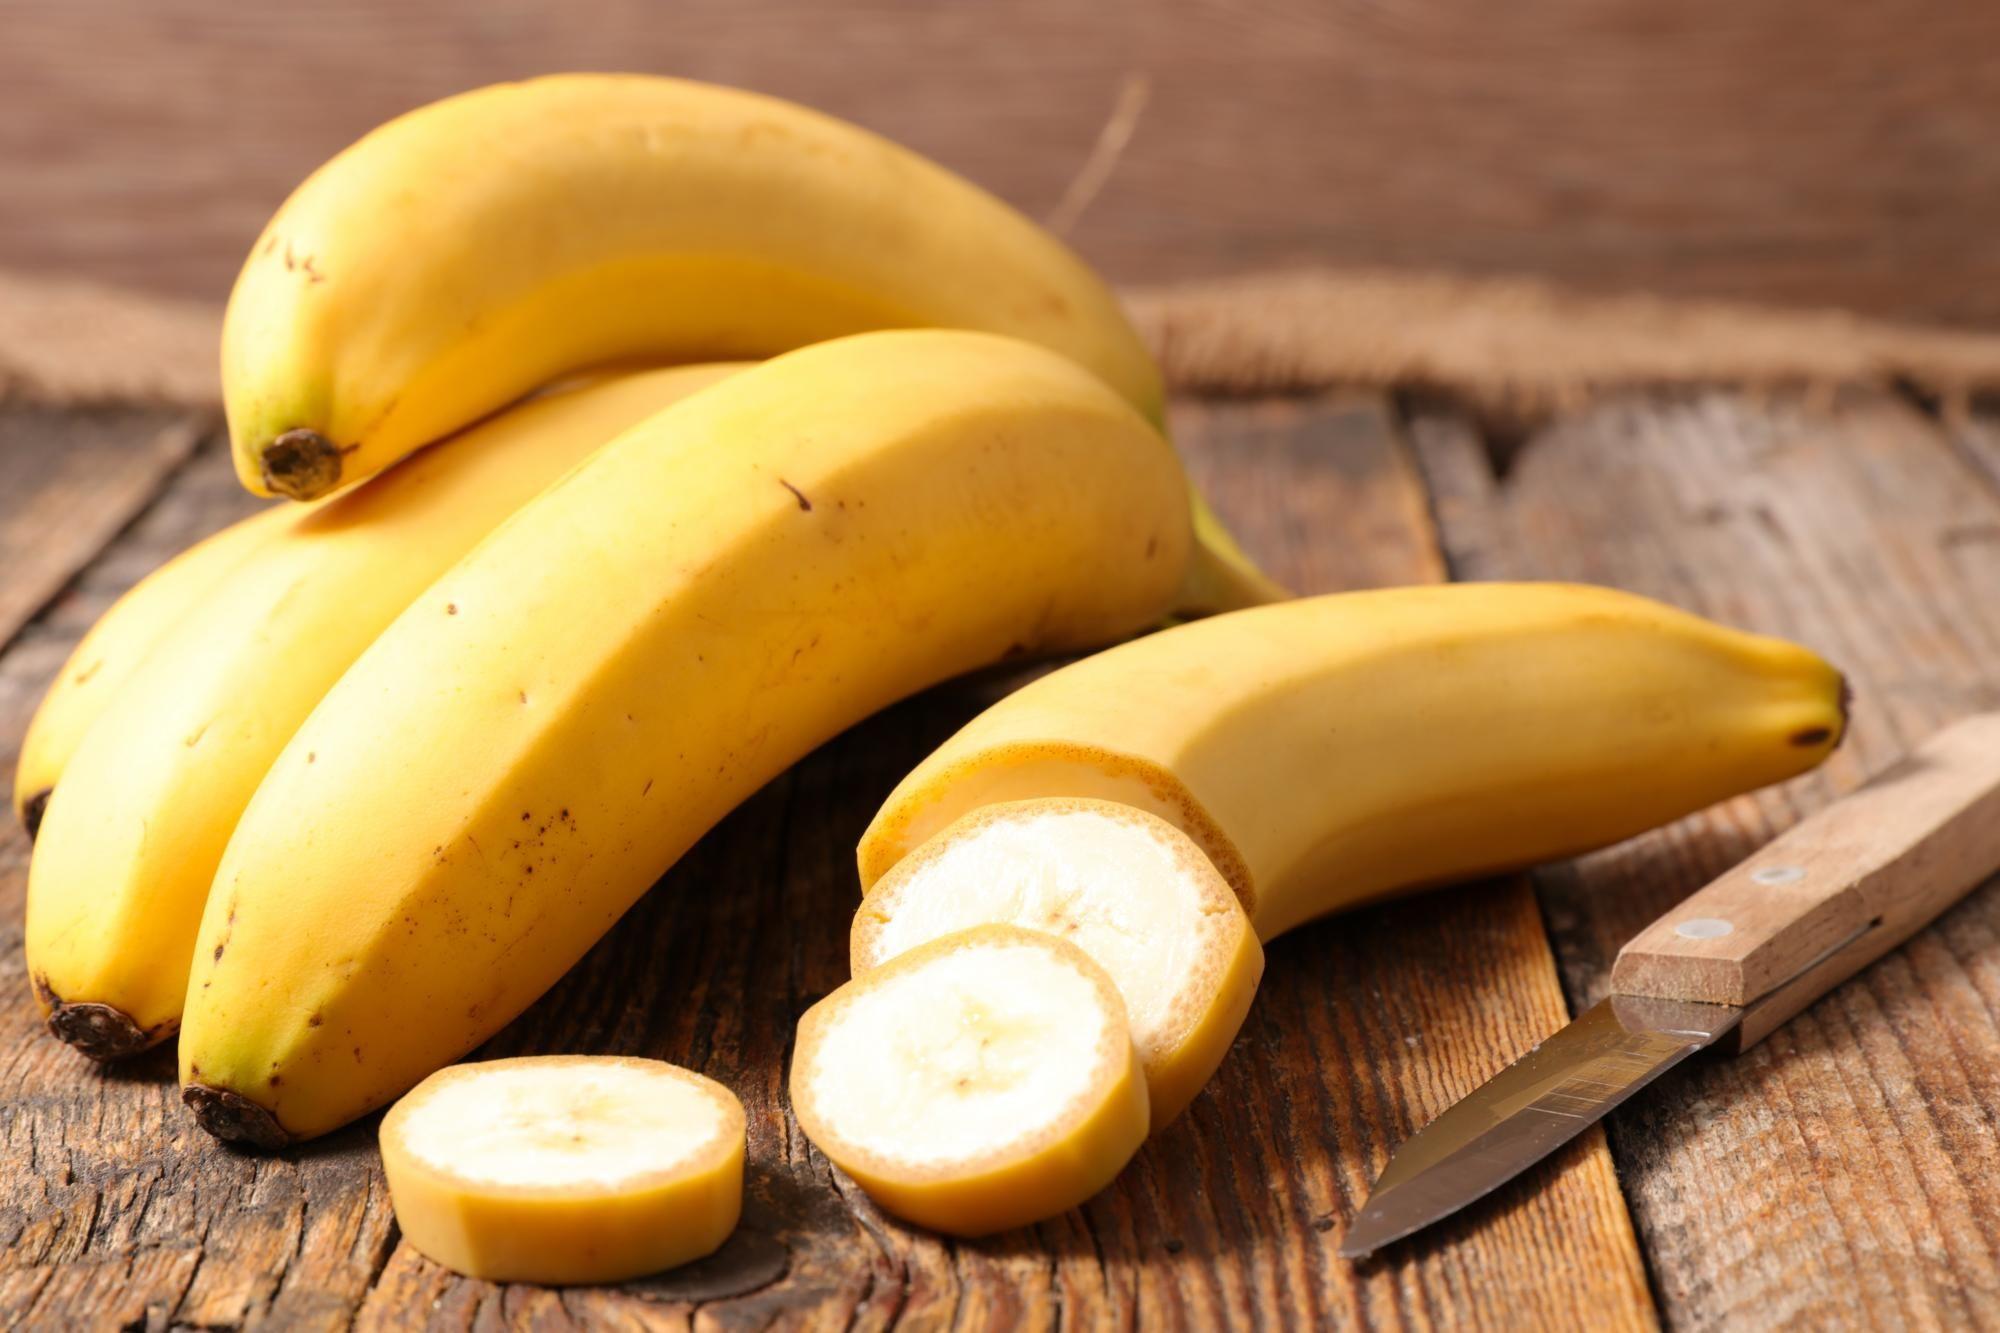 Quels sont les bienfaits de la banane ?